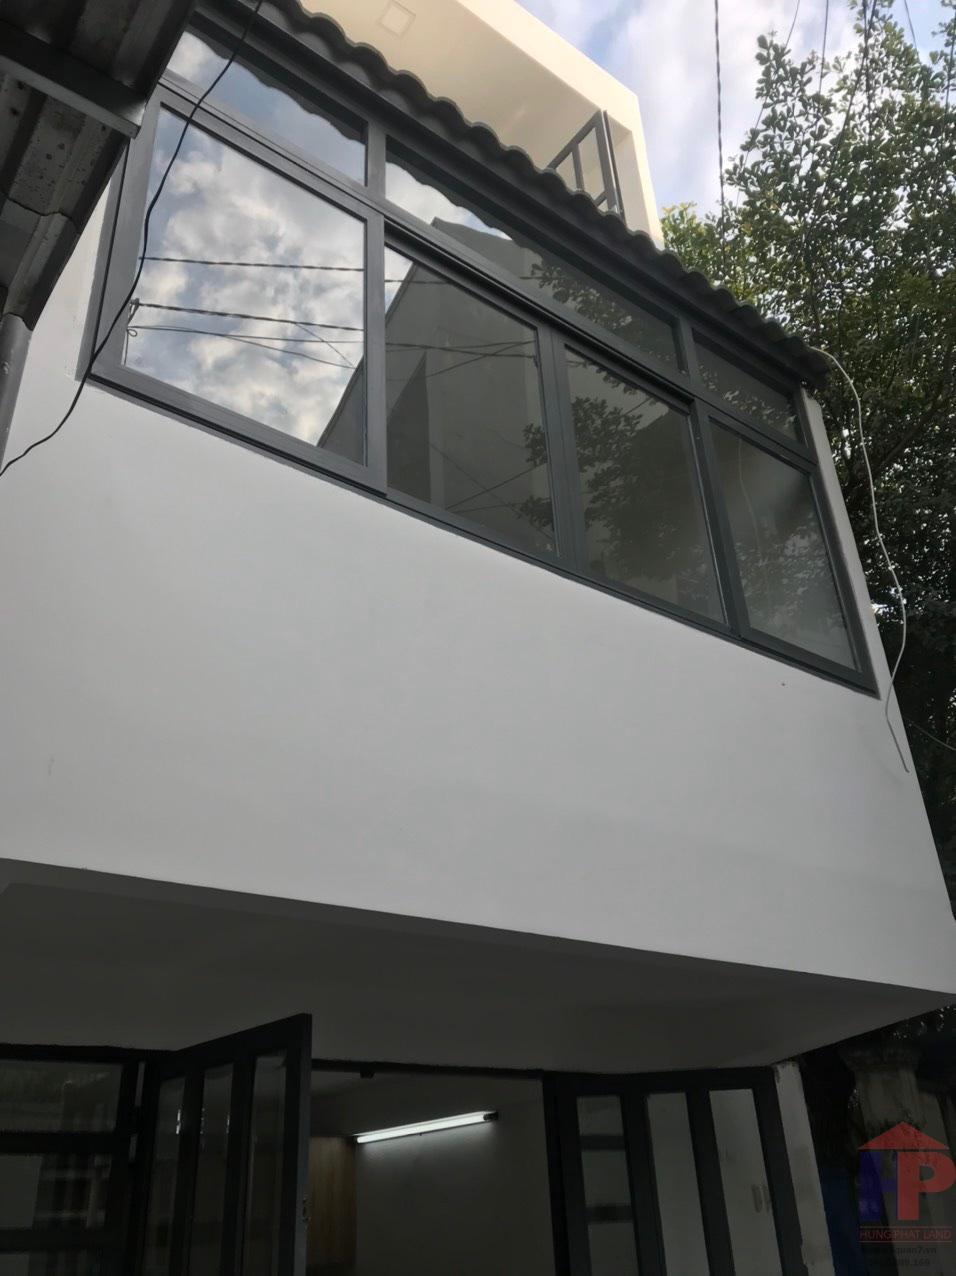 Bán nhà hẻm 465 Trần Xuân Soạn, Tân Kiểng, quận 7 DT sử dụng: 45m2 Giá: 1.85 tỷ thương lượng LH 0909477288